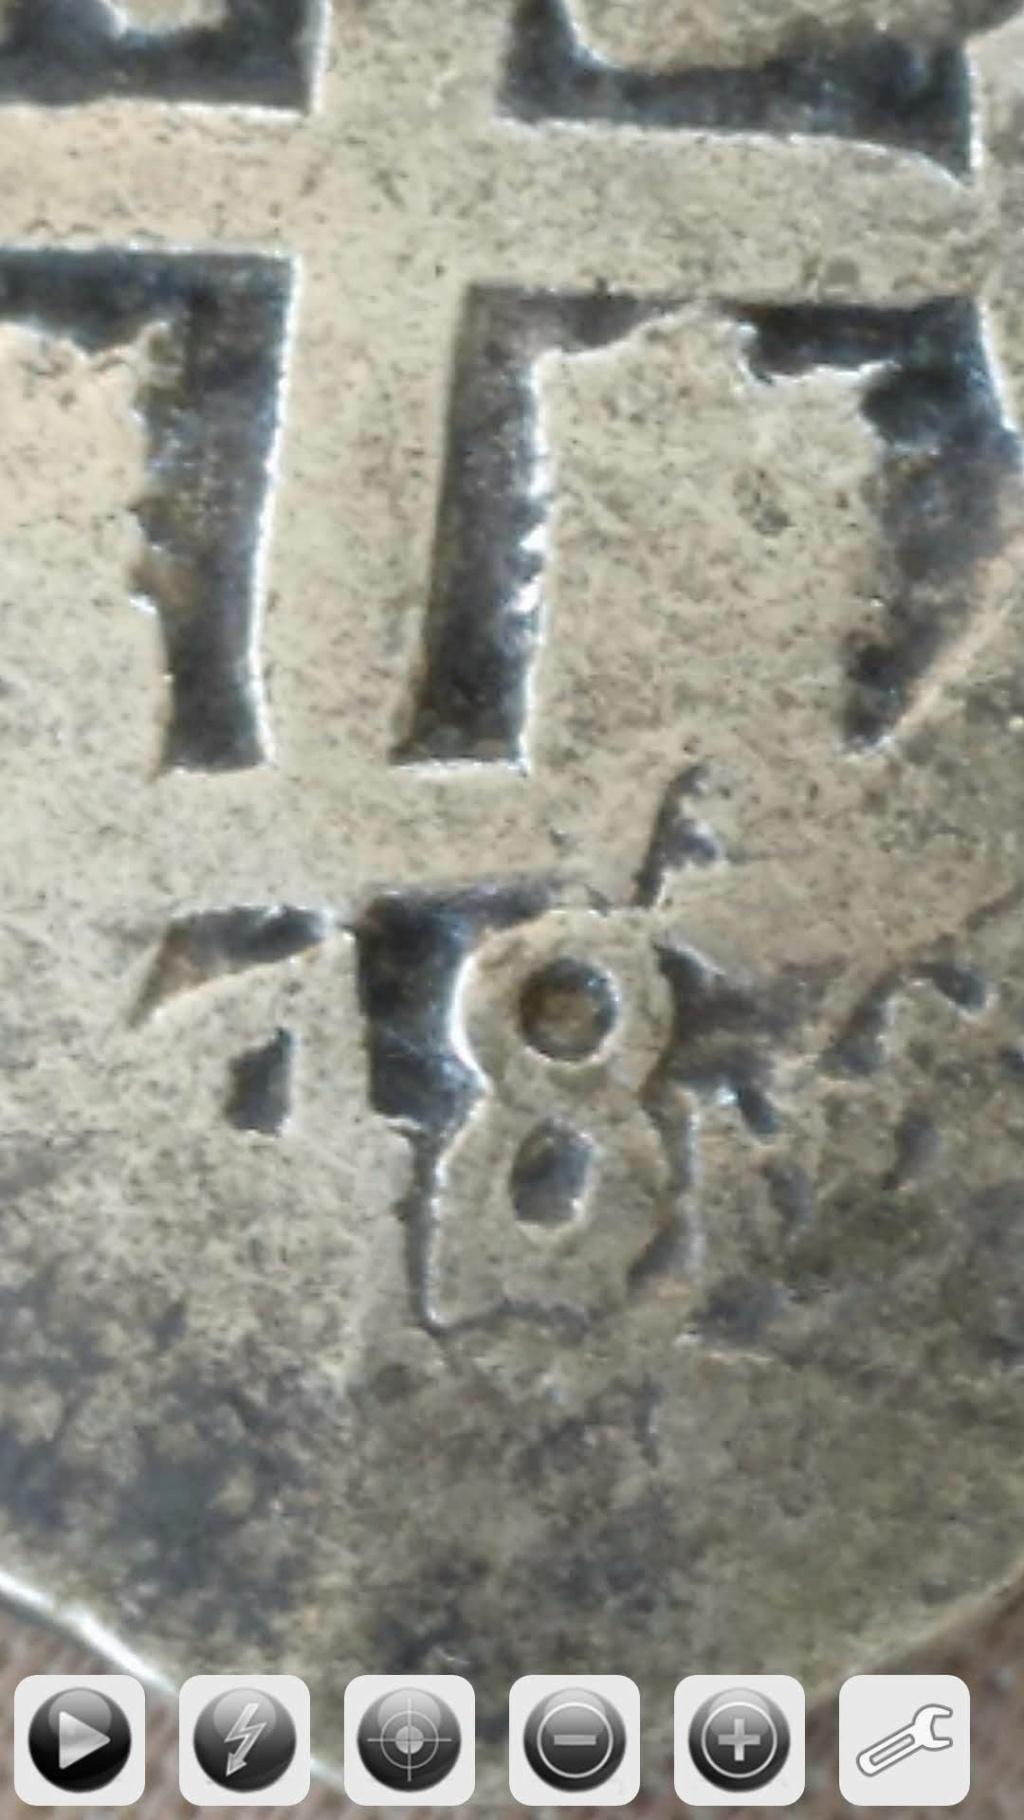 Identificación de ceca - 8 reales macuquinos de 1748 Screen22